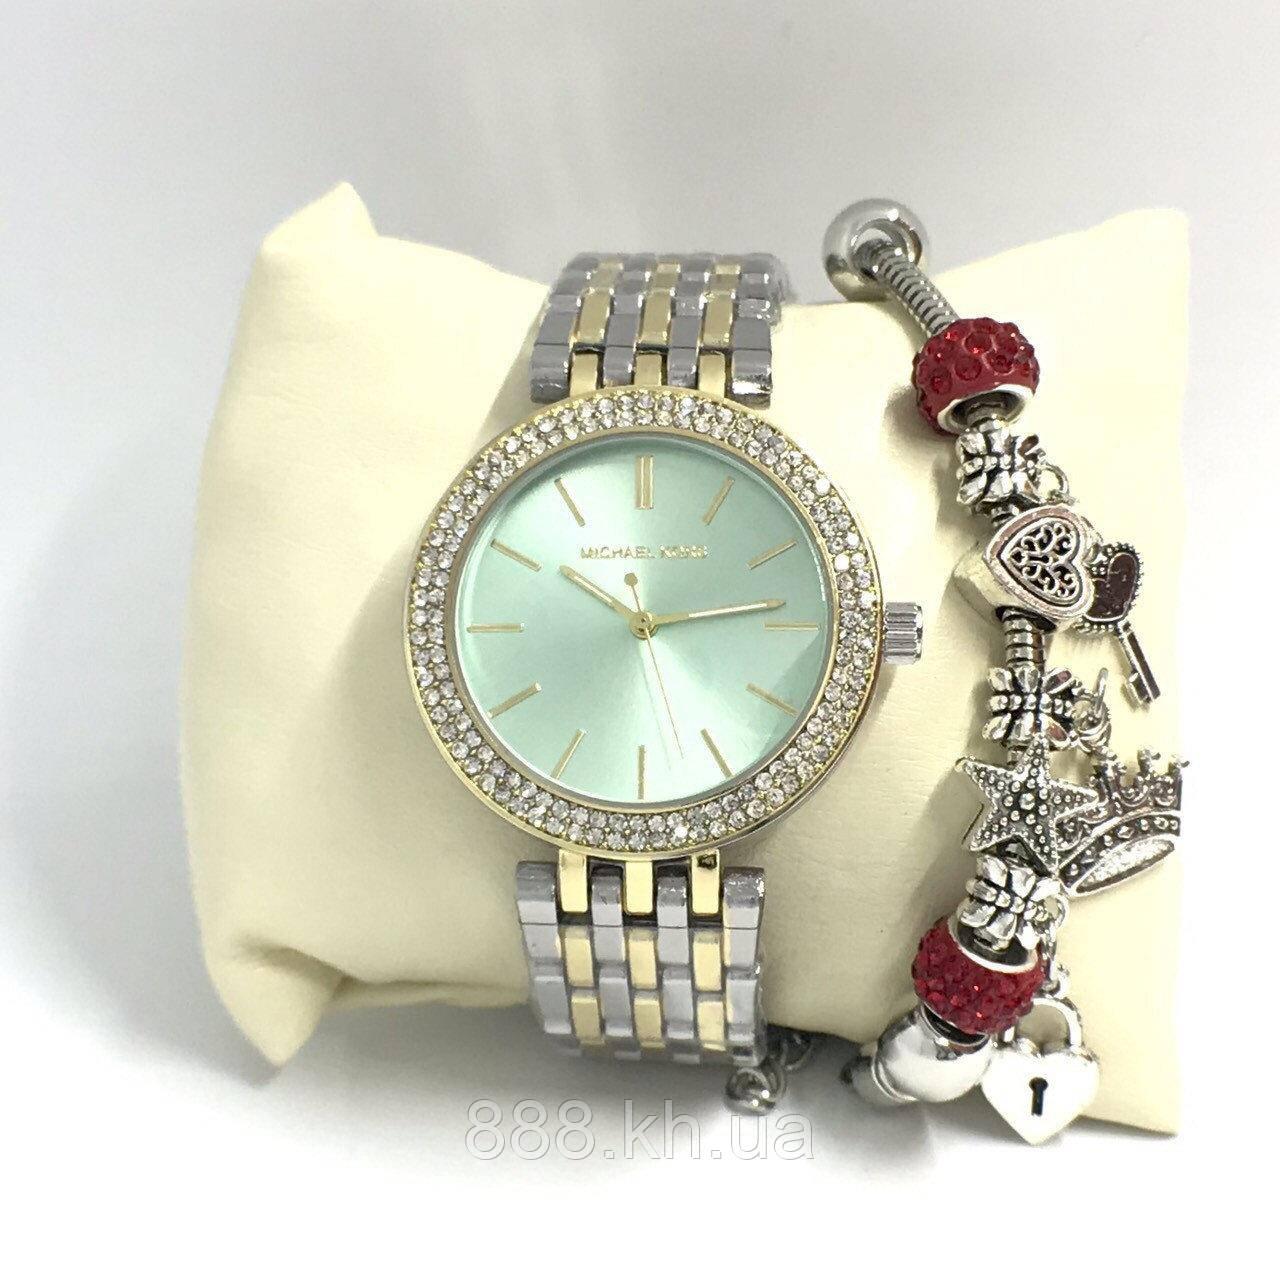 Женские наручные часы Michael Kors копия класса люкс, жіночі годинники Michael Kors (серебро+золото/голубой)